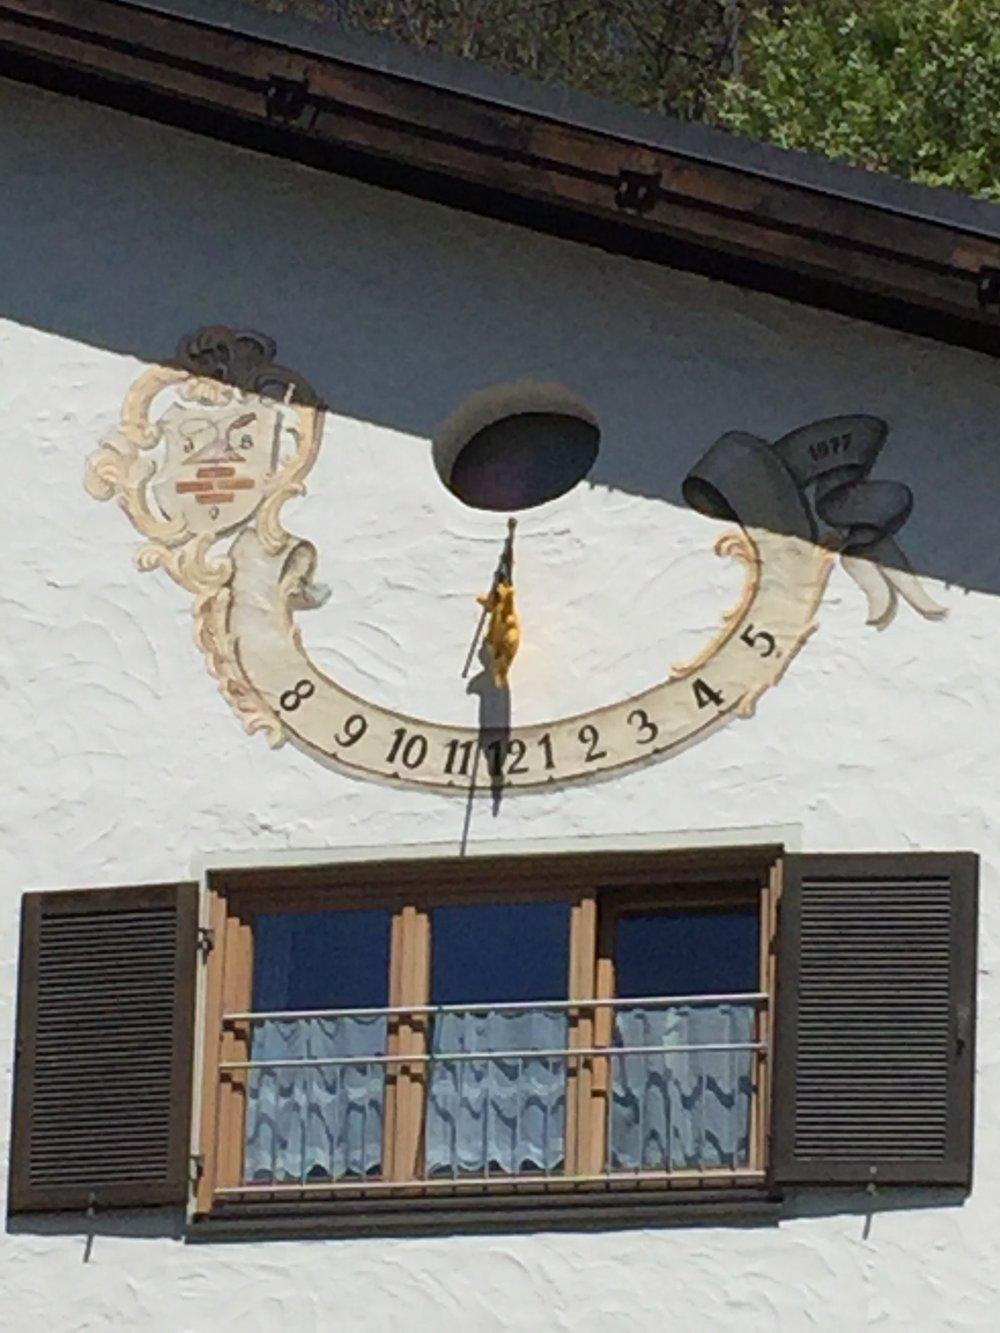 L'horloge solaire directement sur la maison.